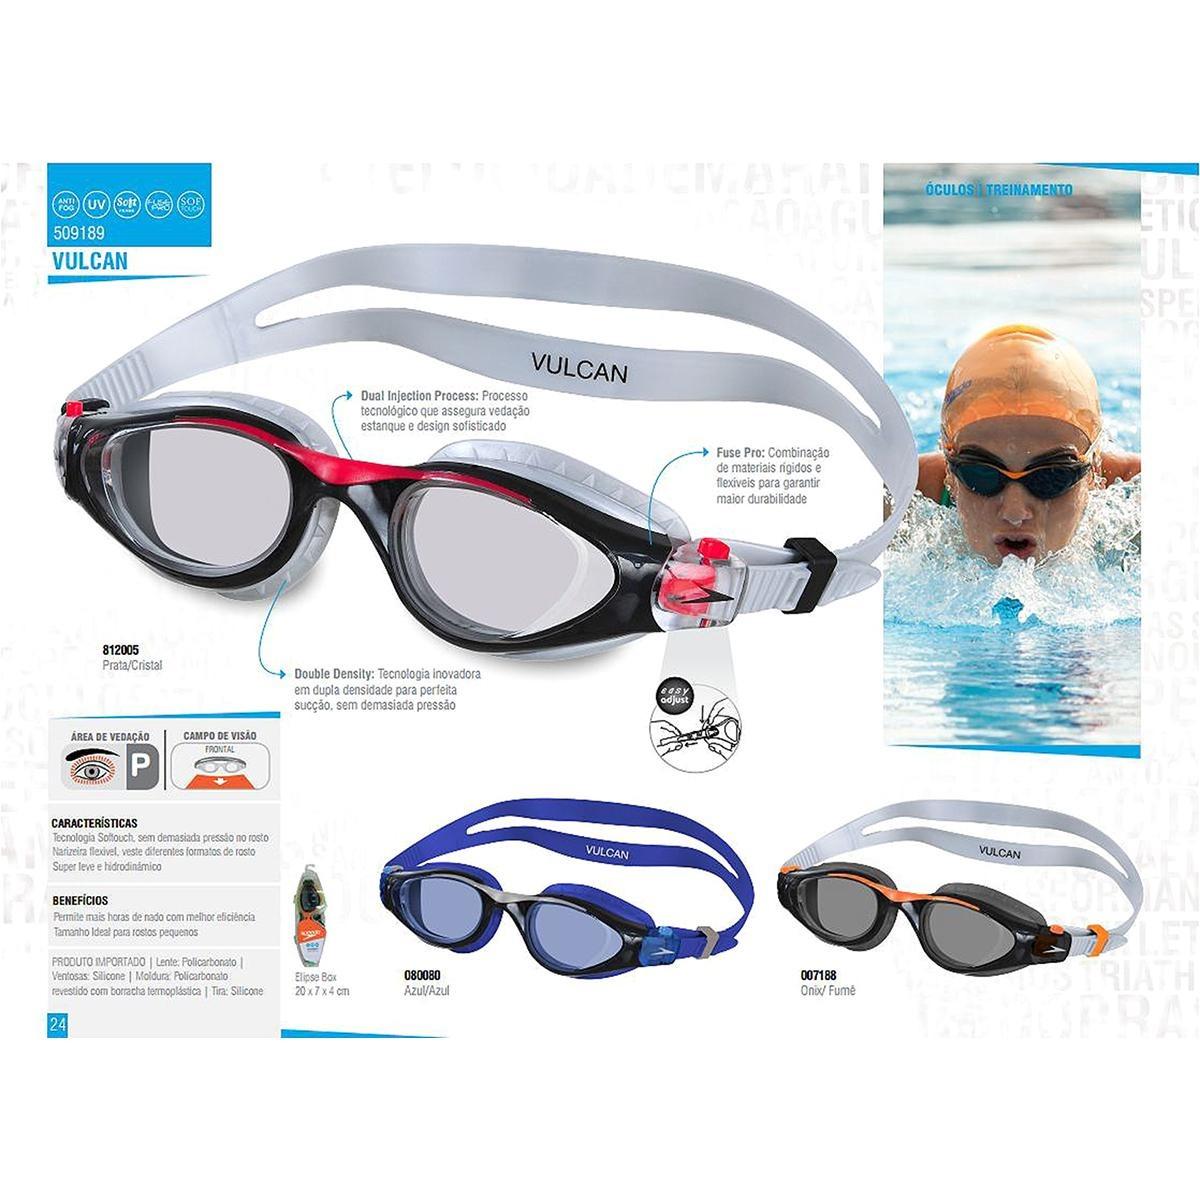 54c8aa123 óculos speedo vulcan - cor azul+preto. Carregando zoom.